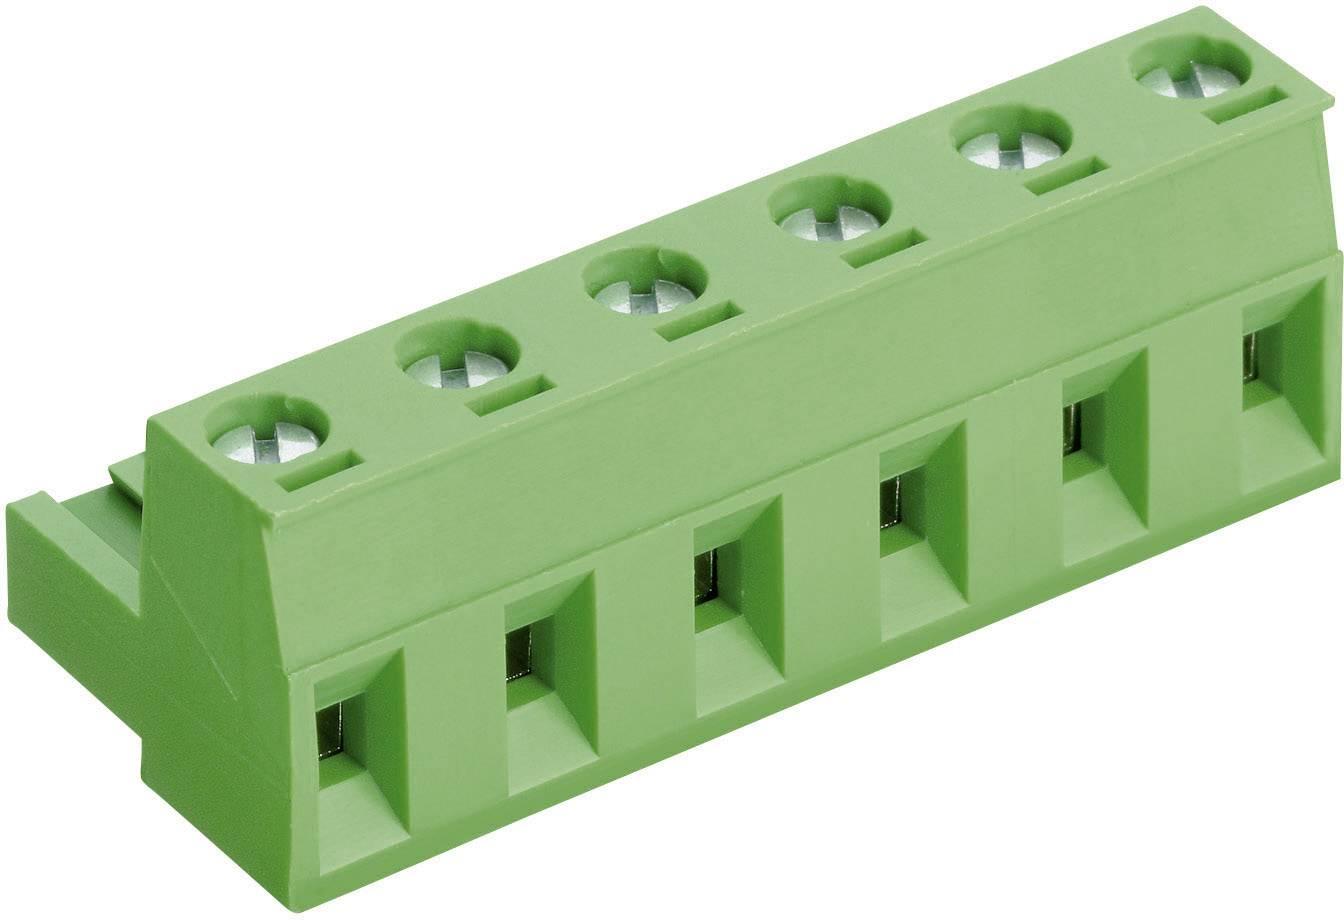 Zásuvkové púzdro na kábel PTR AKZ960/4-7.62 50960040021E, 28.48 mm, pólů 4, rozteč 7.62 mm, 1 ks